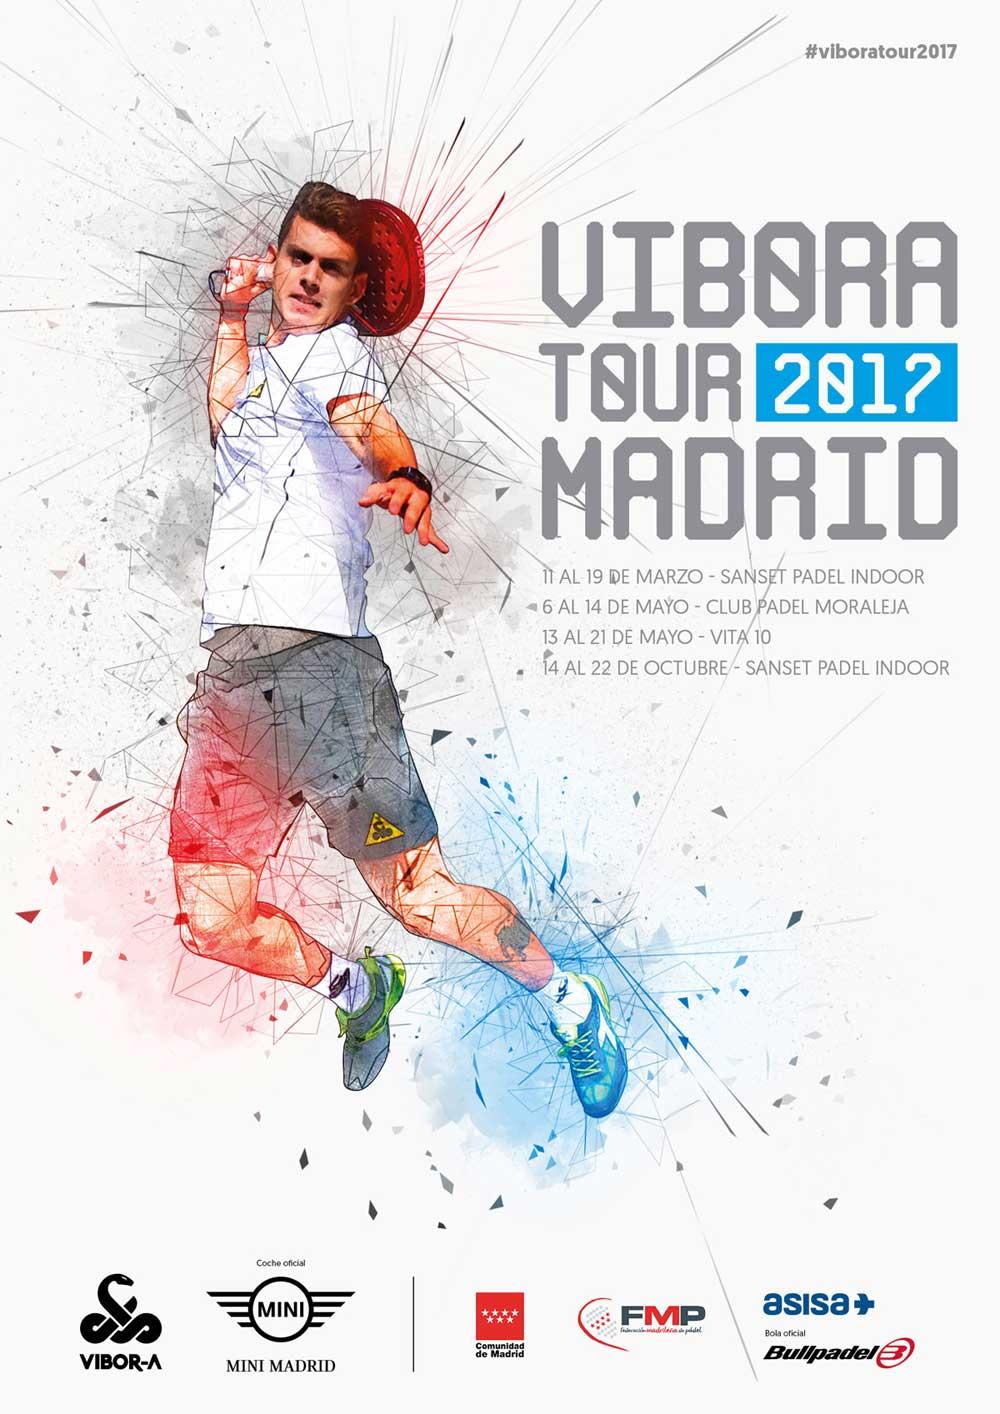 Cartel del Vibor-A Tour 2017